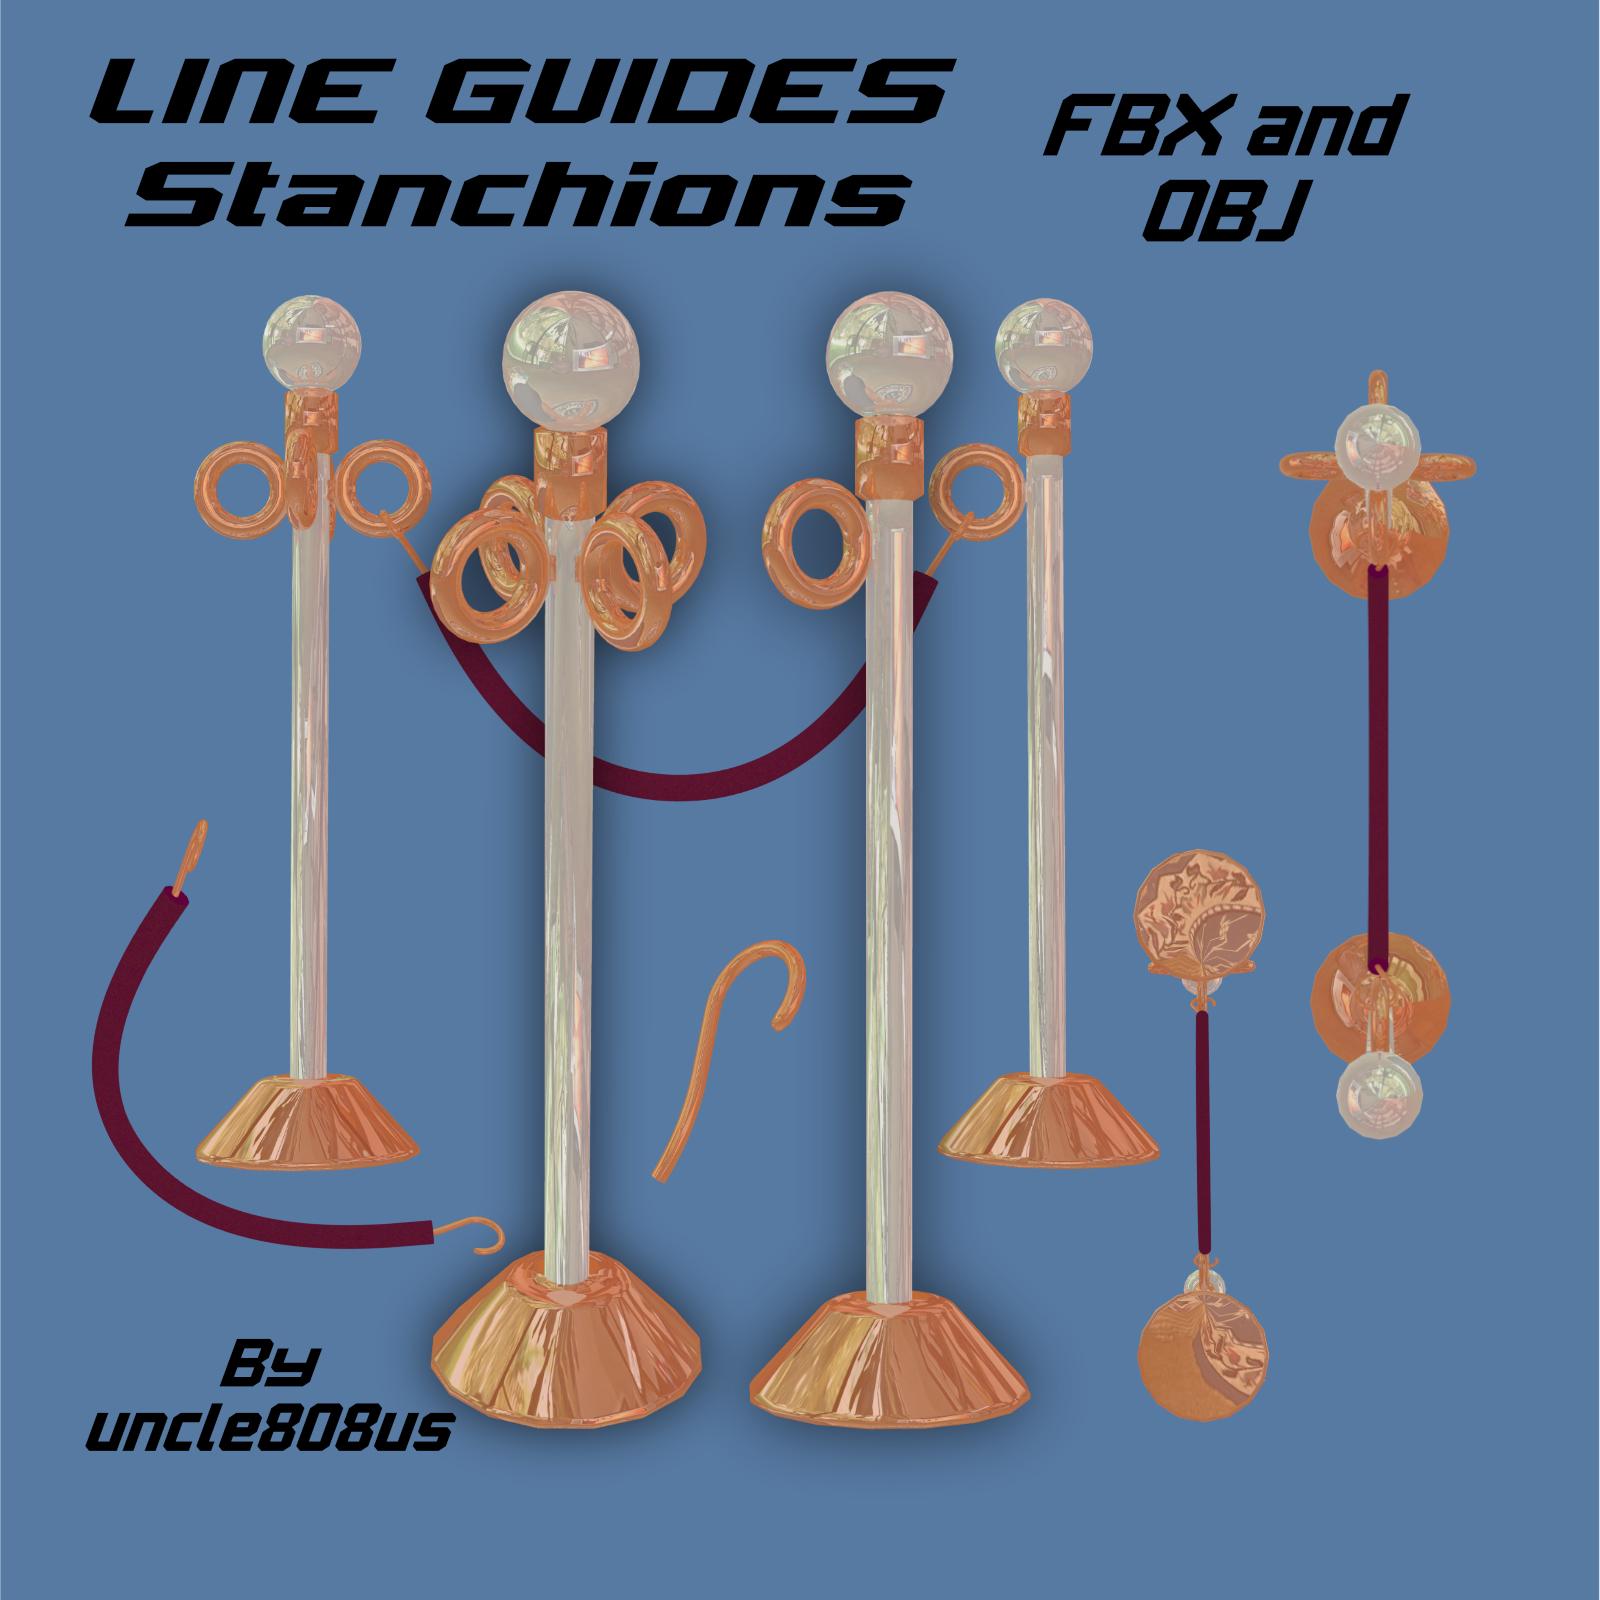 lineguides_stanchions fbx obj 3d model fbx 220784